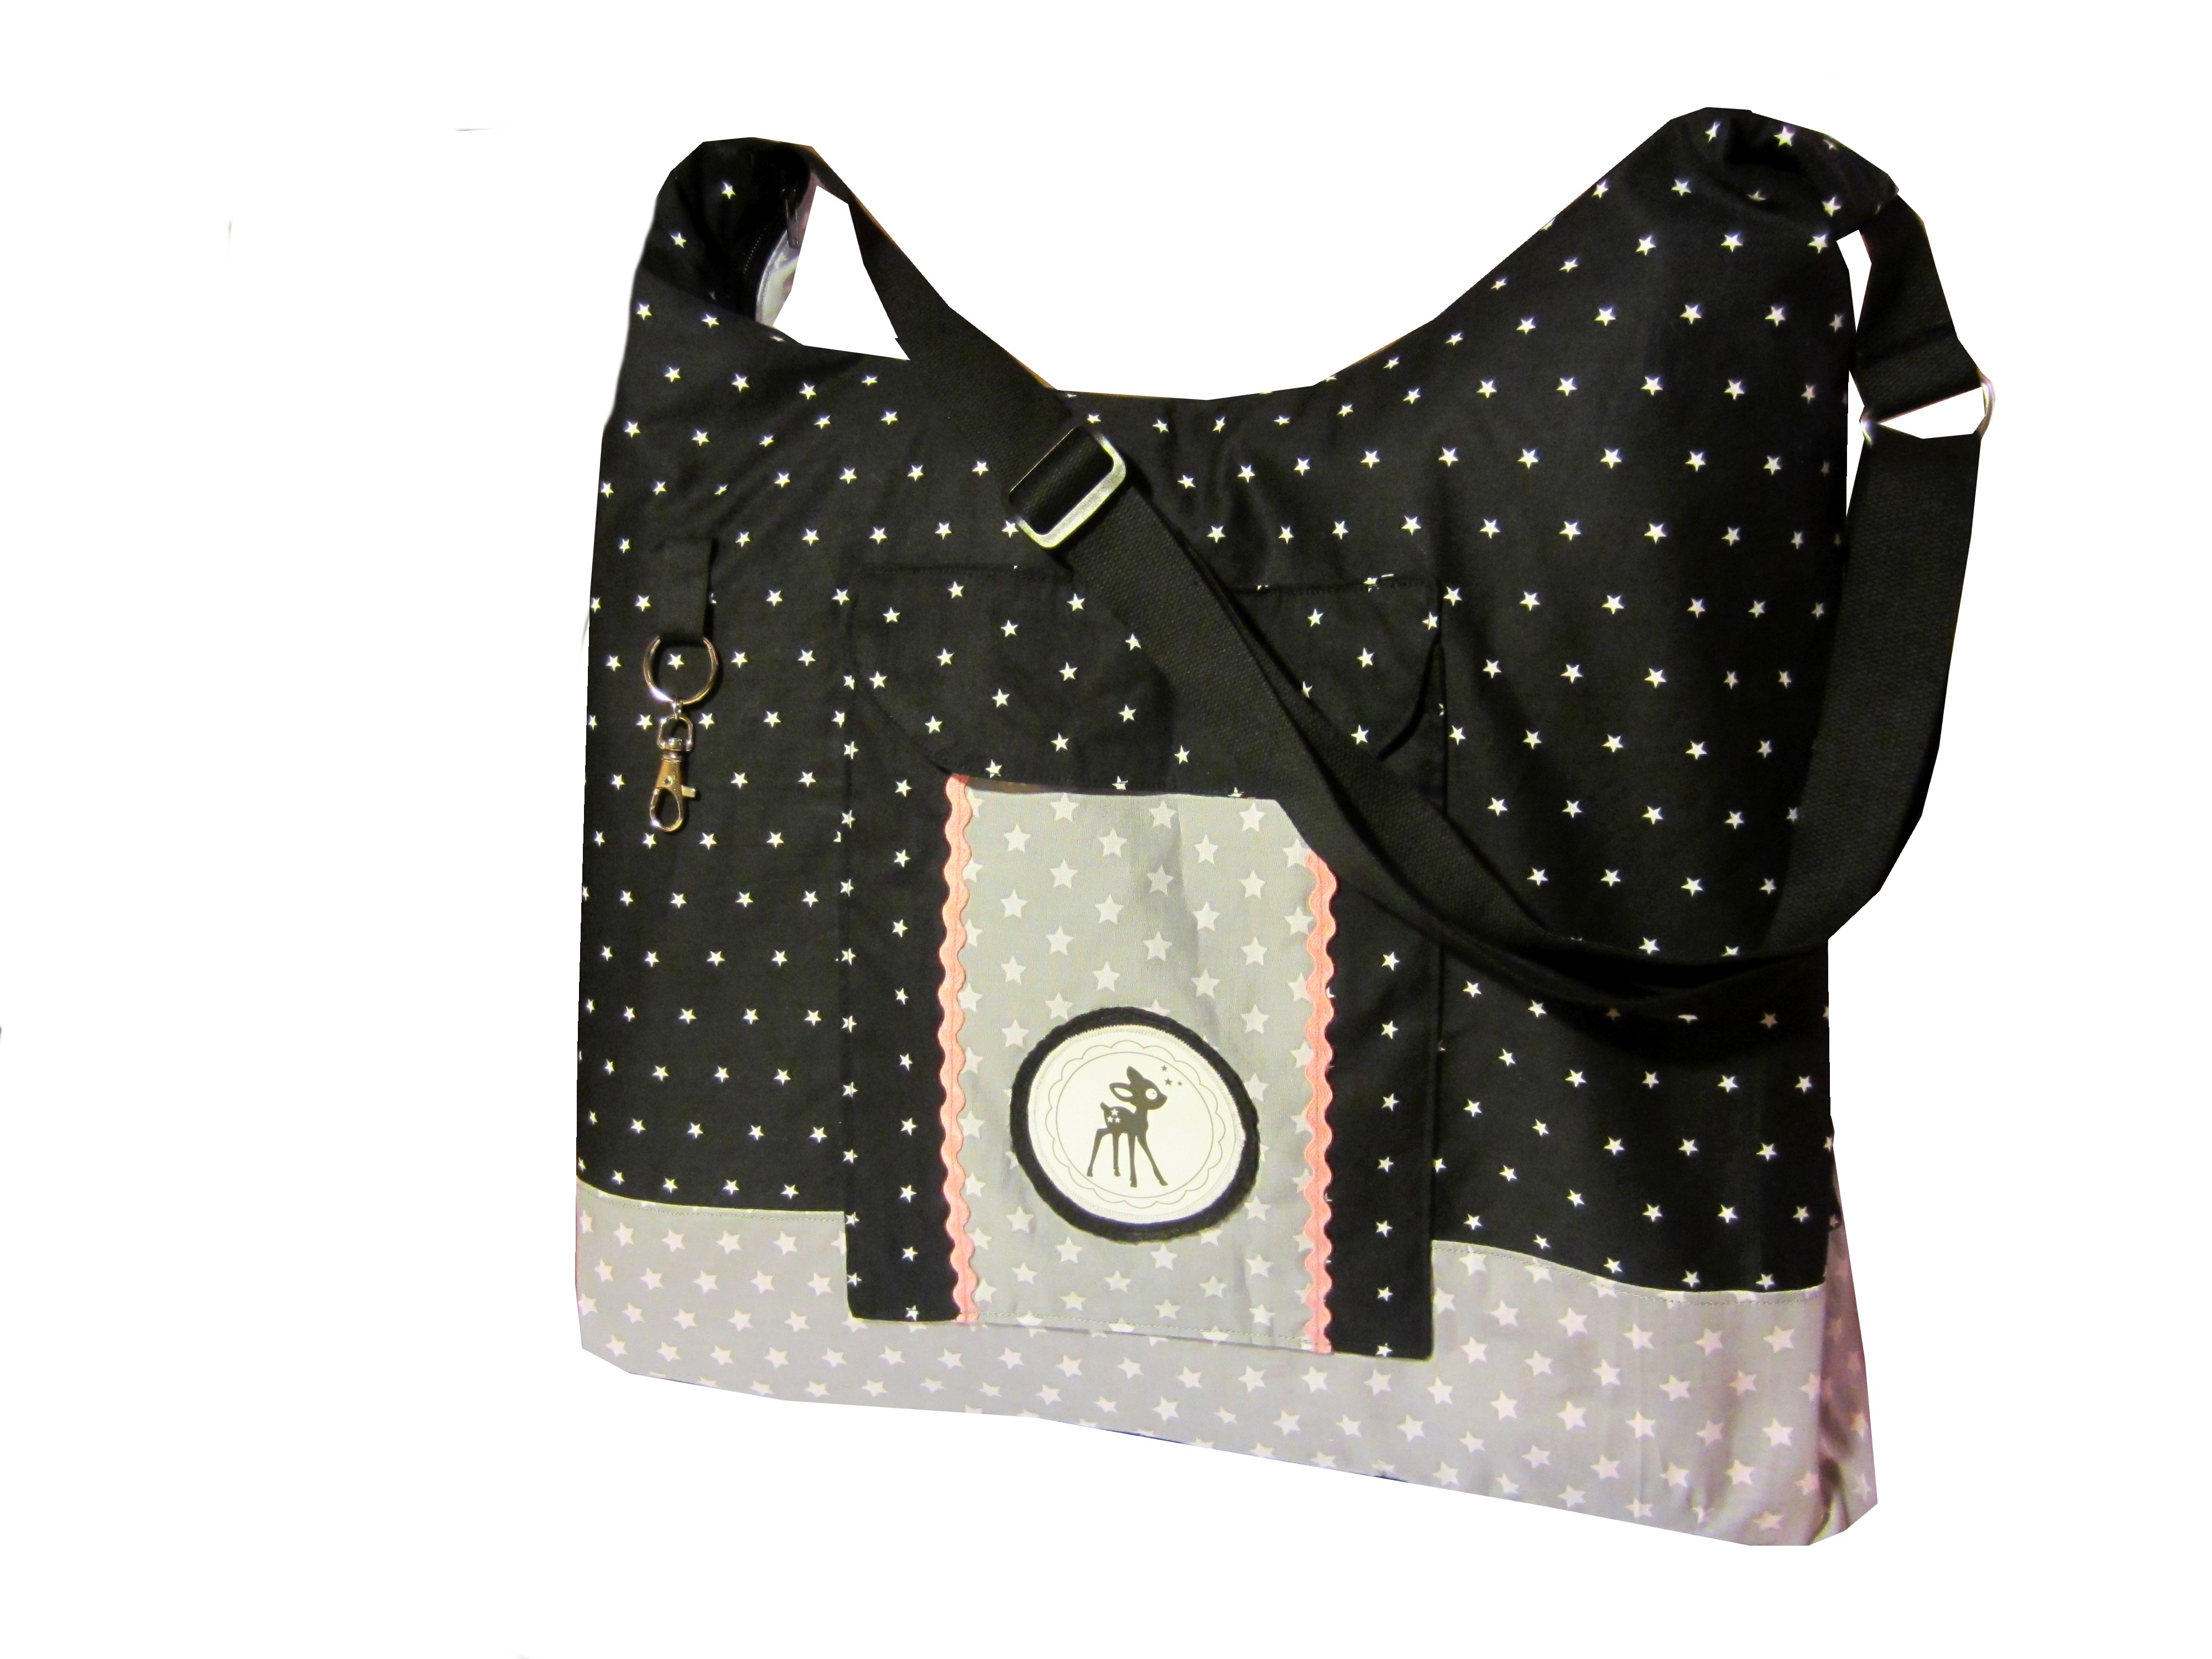 tasche mia schnittmuster tasche mit rei verschluss. Black Bedroom Furniture Sets. Home Design Ideas